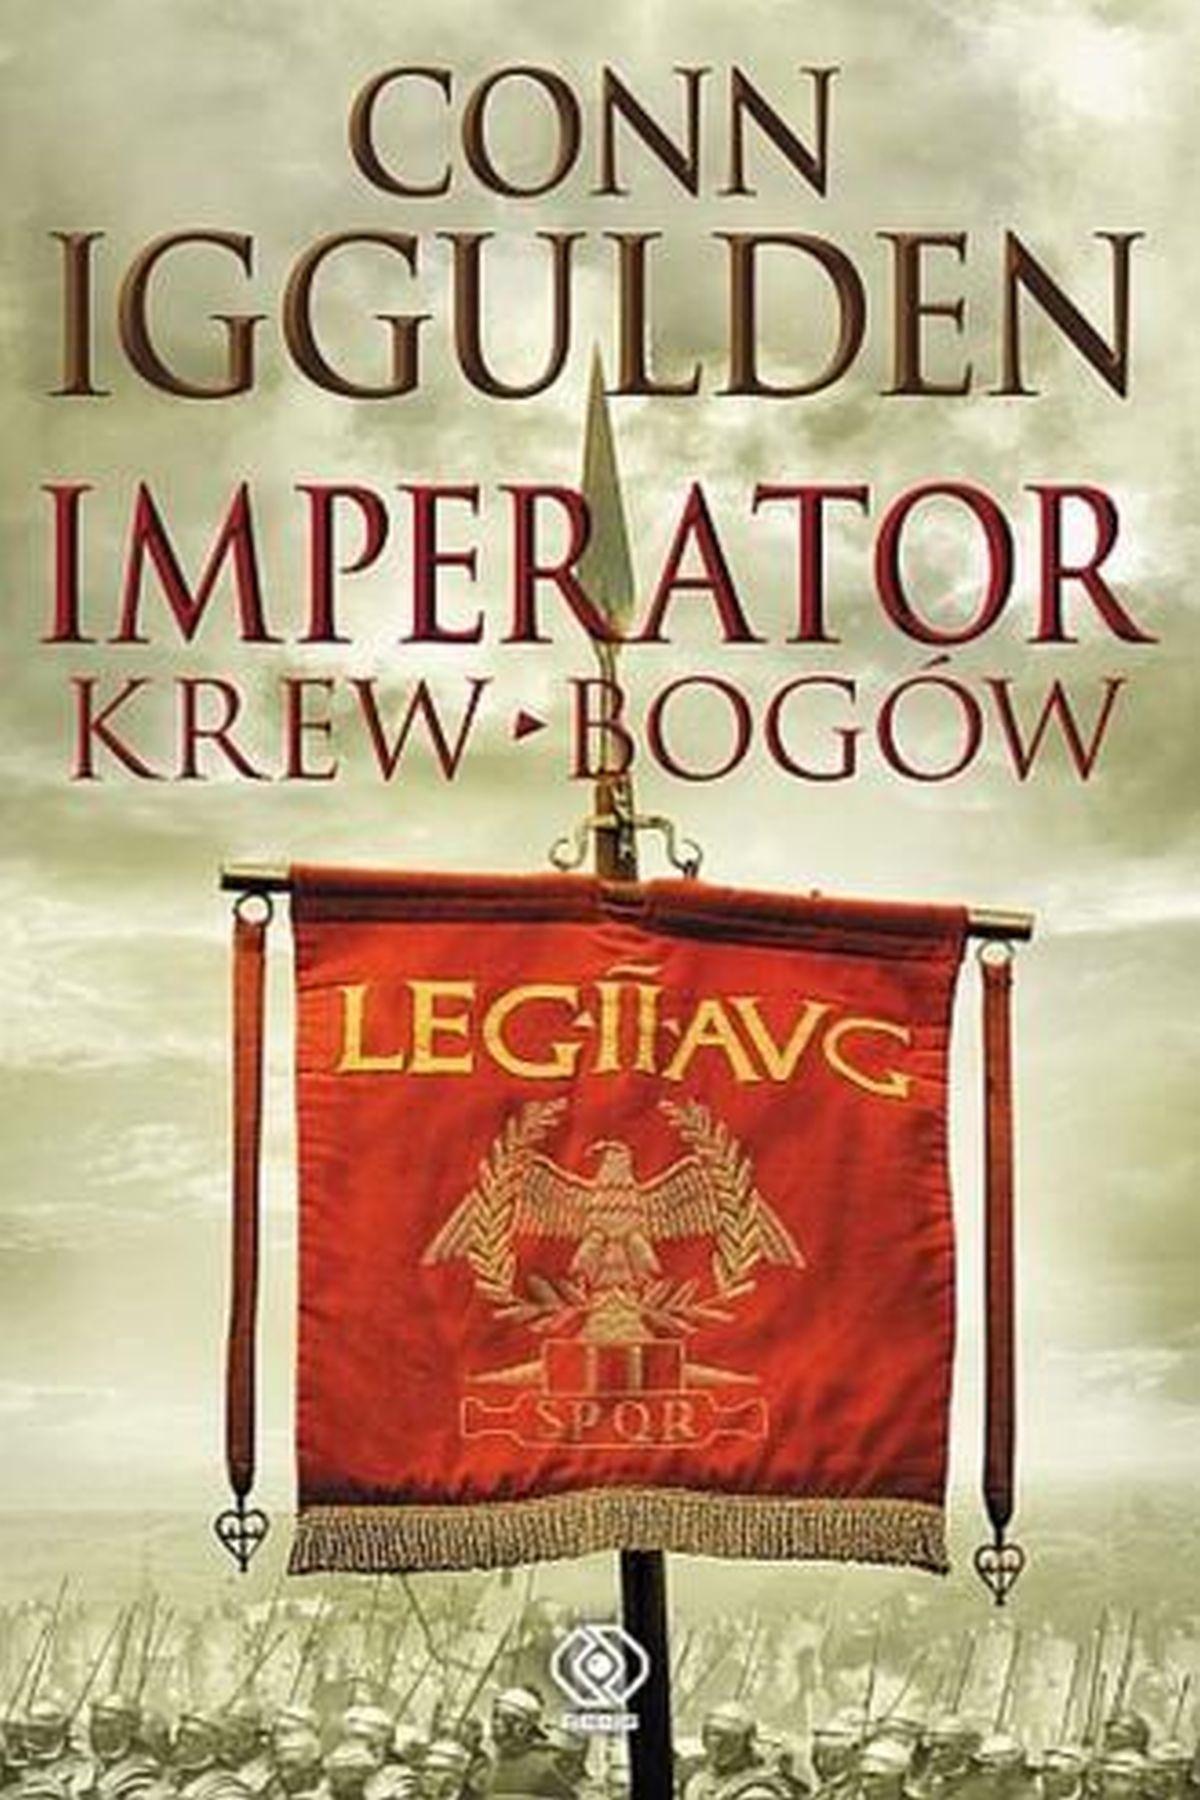 Pakiet Imperator / Bramy Rzymu / Śmierć królów / Pole mieczy / Bogowie wojny / Krew bogów. PAKIET, Conn Iggulden